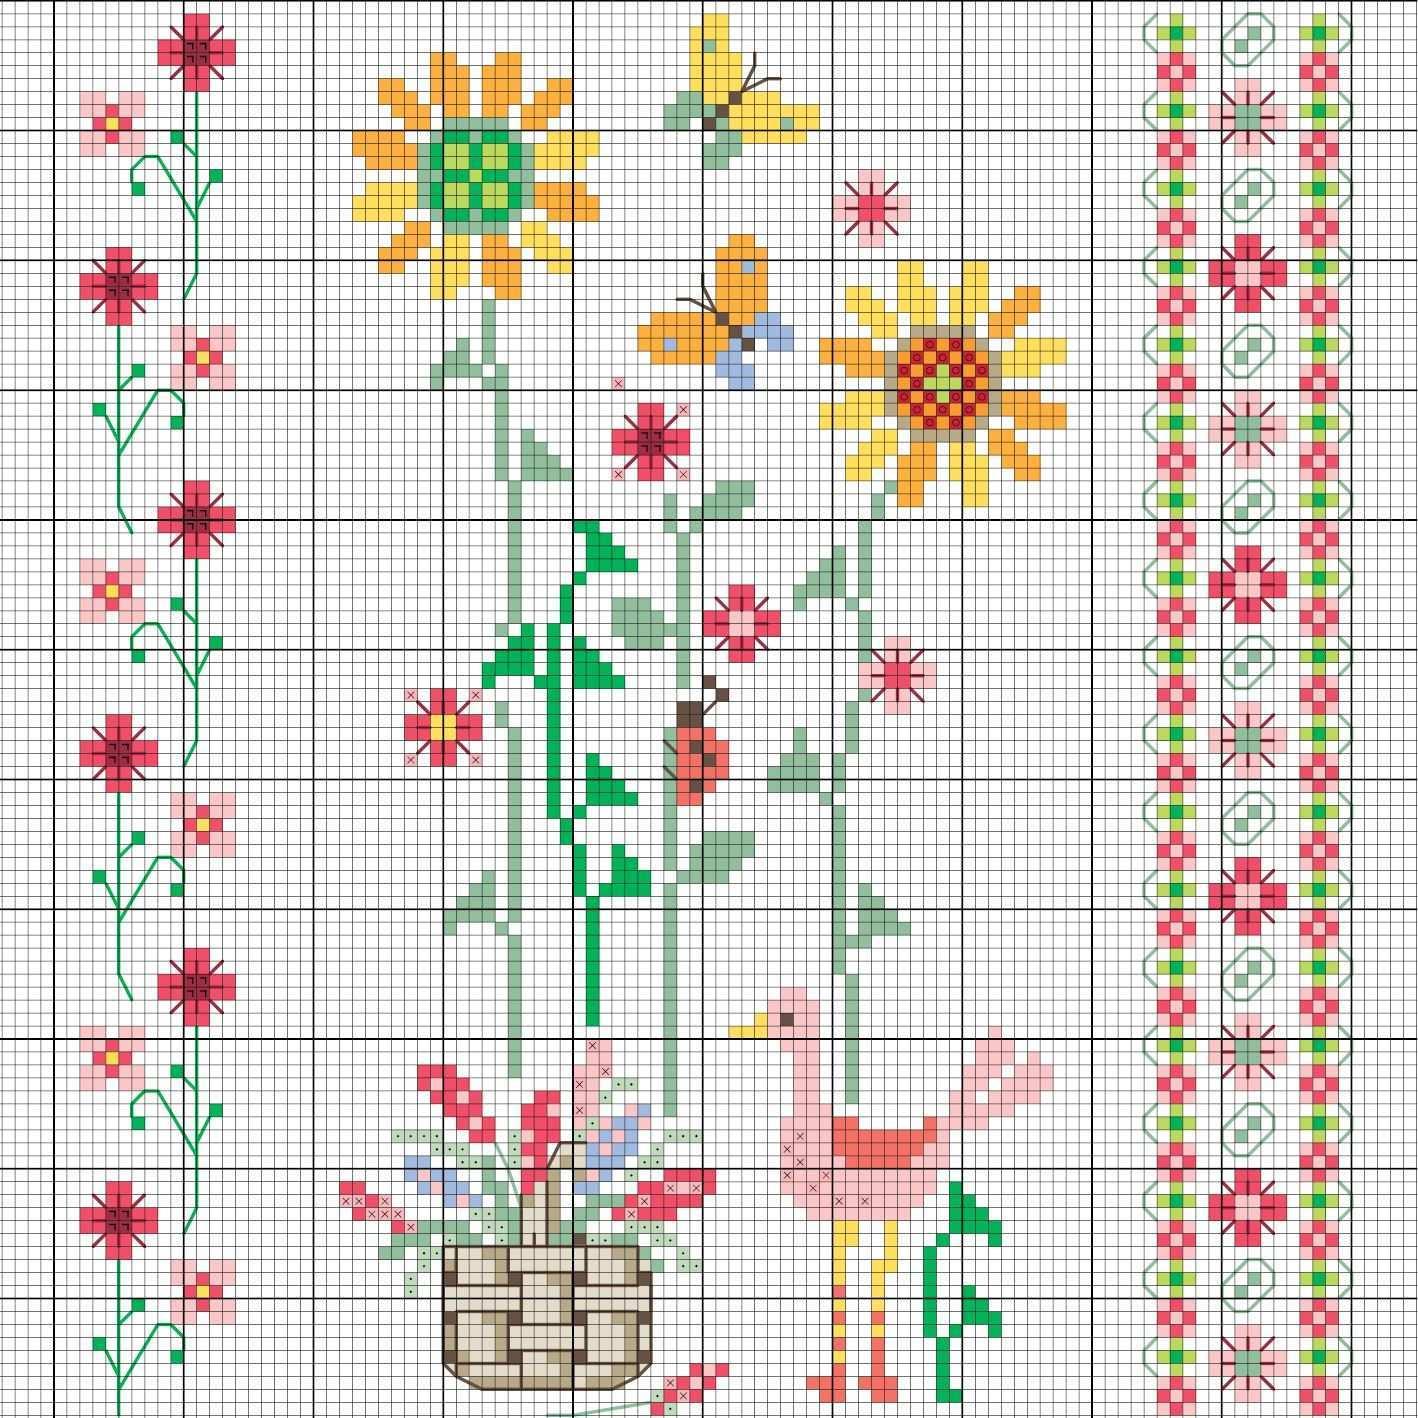 Fruhlings Blumen Sticken Entdecke Zahlreiche Kostenlose Charts Zum Sticken Kreuzstich Vogel Sticken Kreuzstich